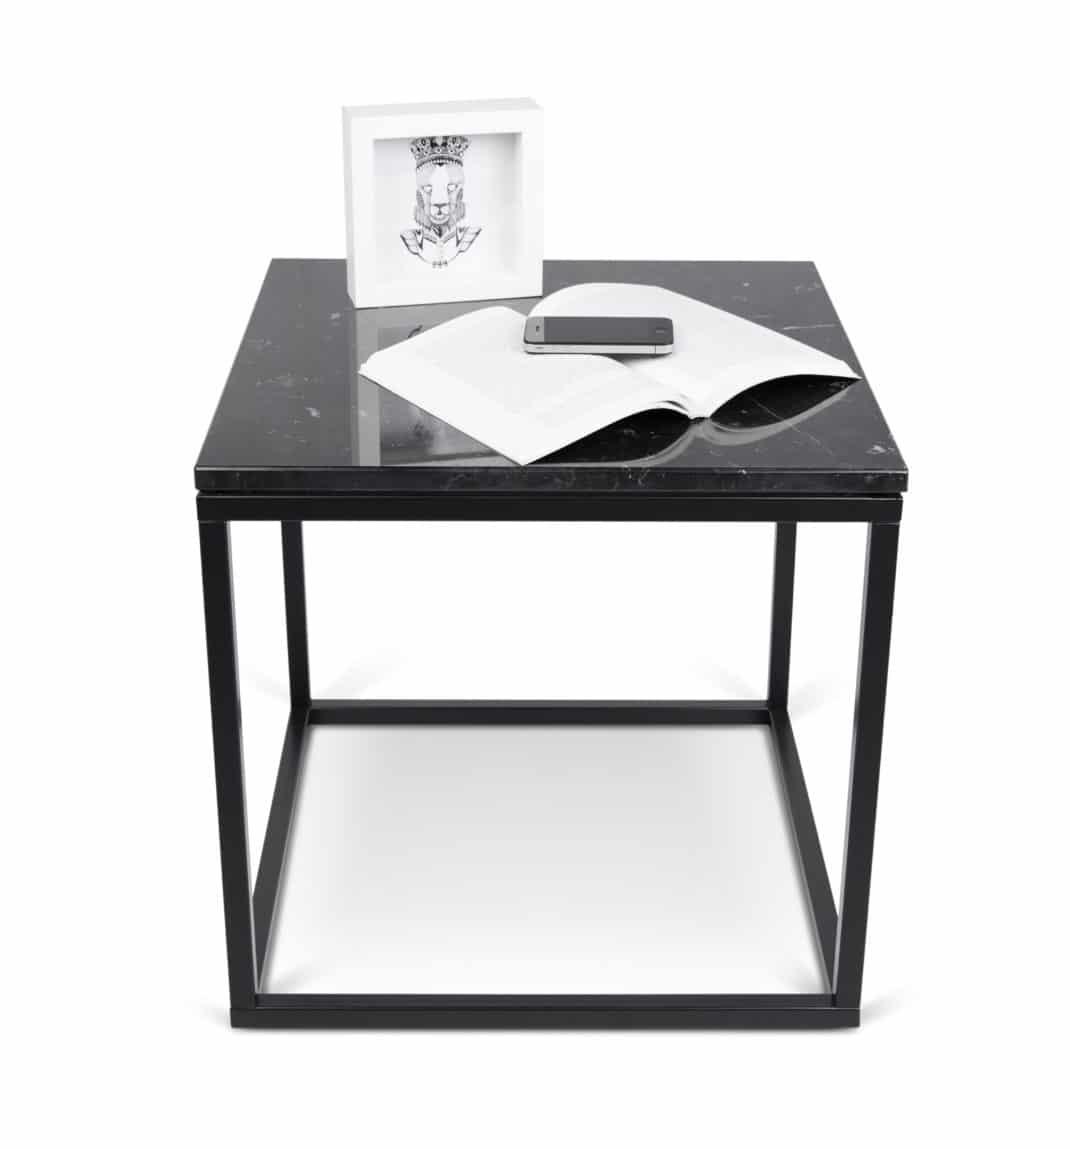 Table basse en marbre : Marble